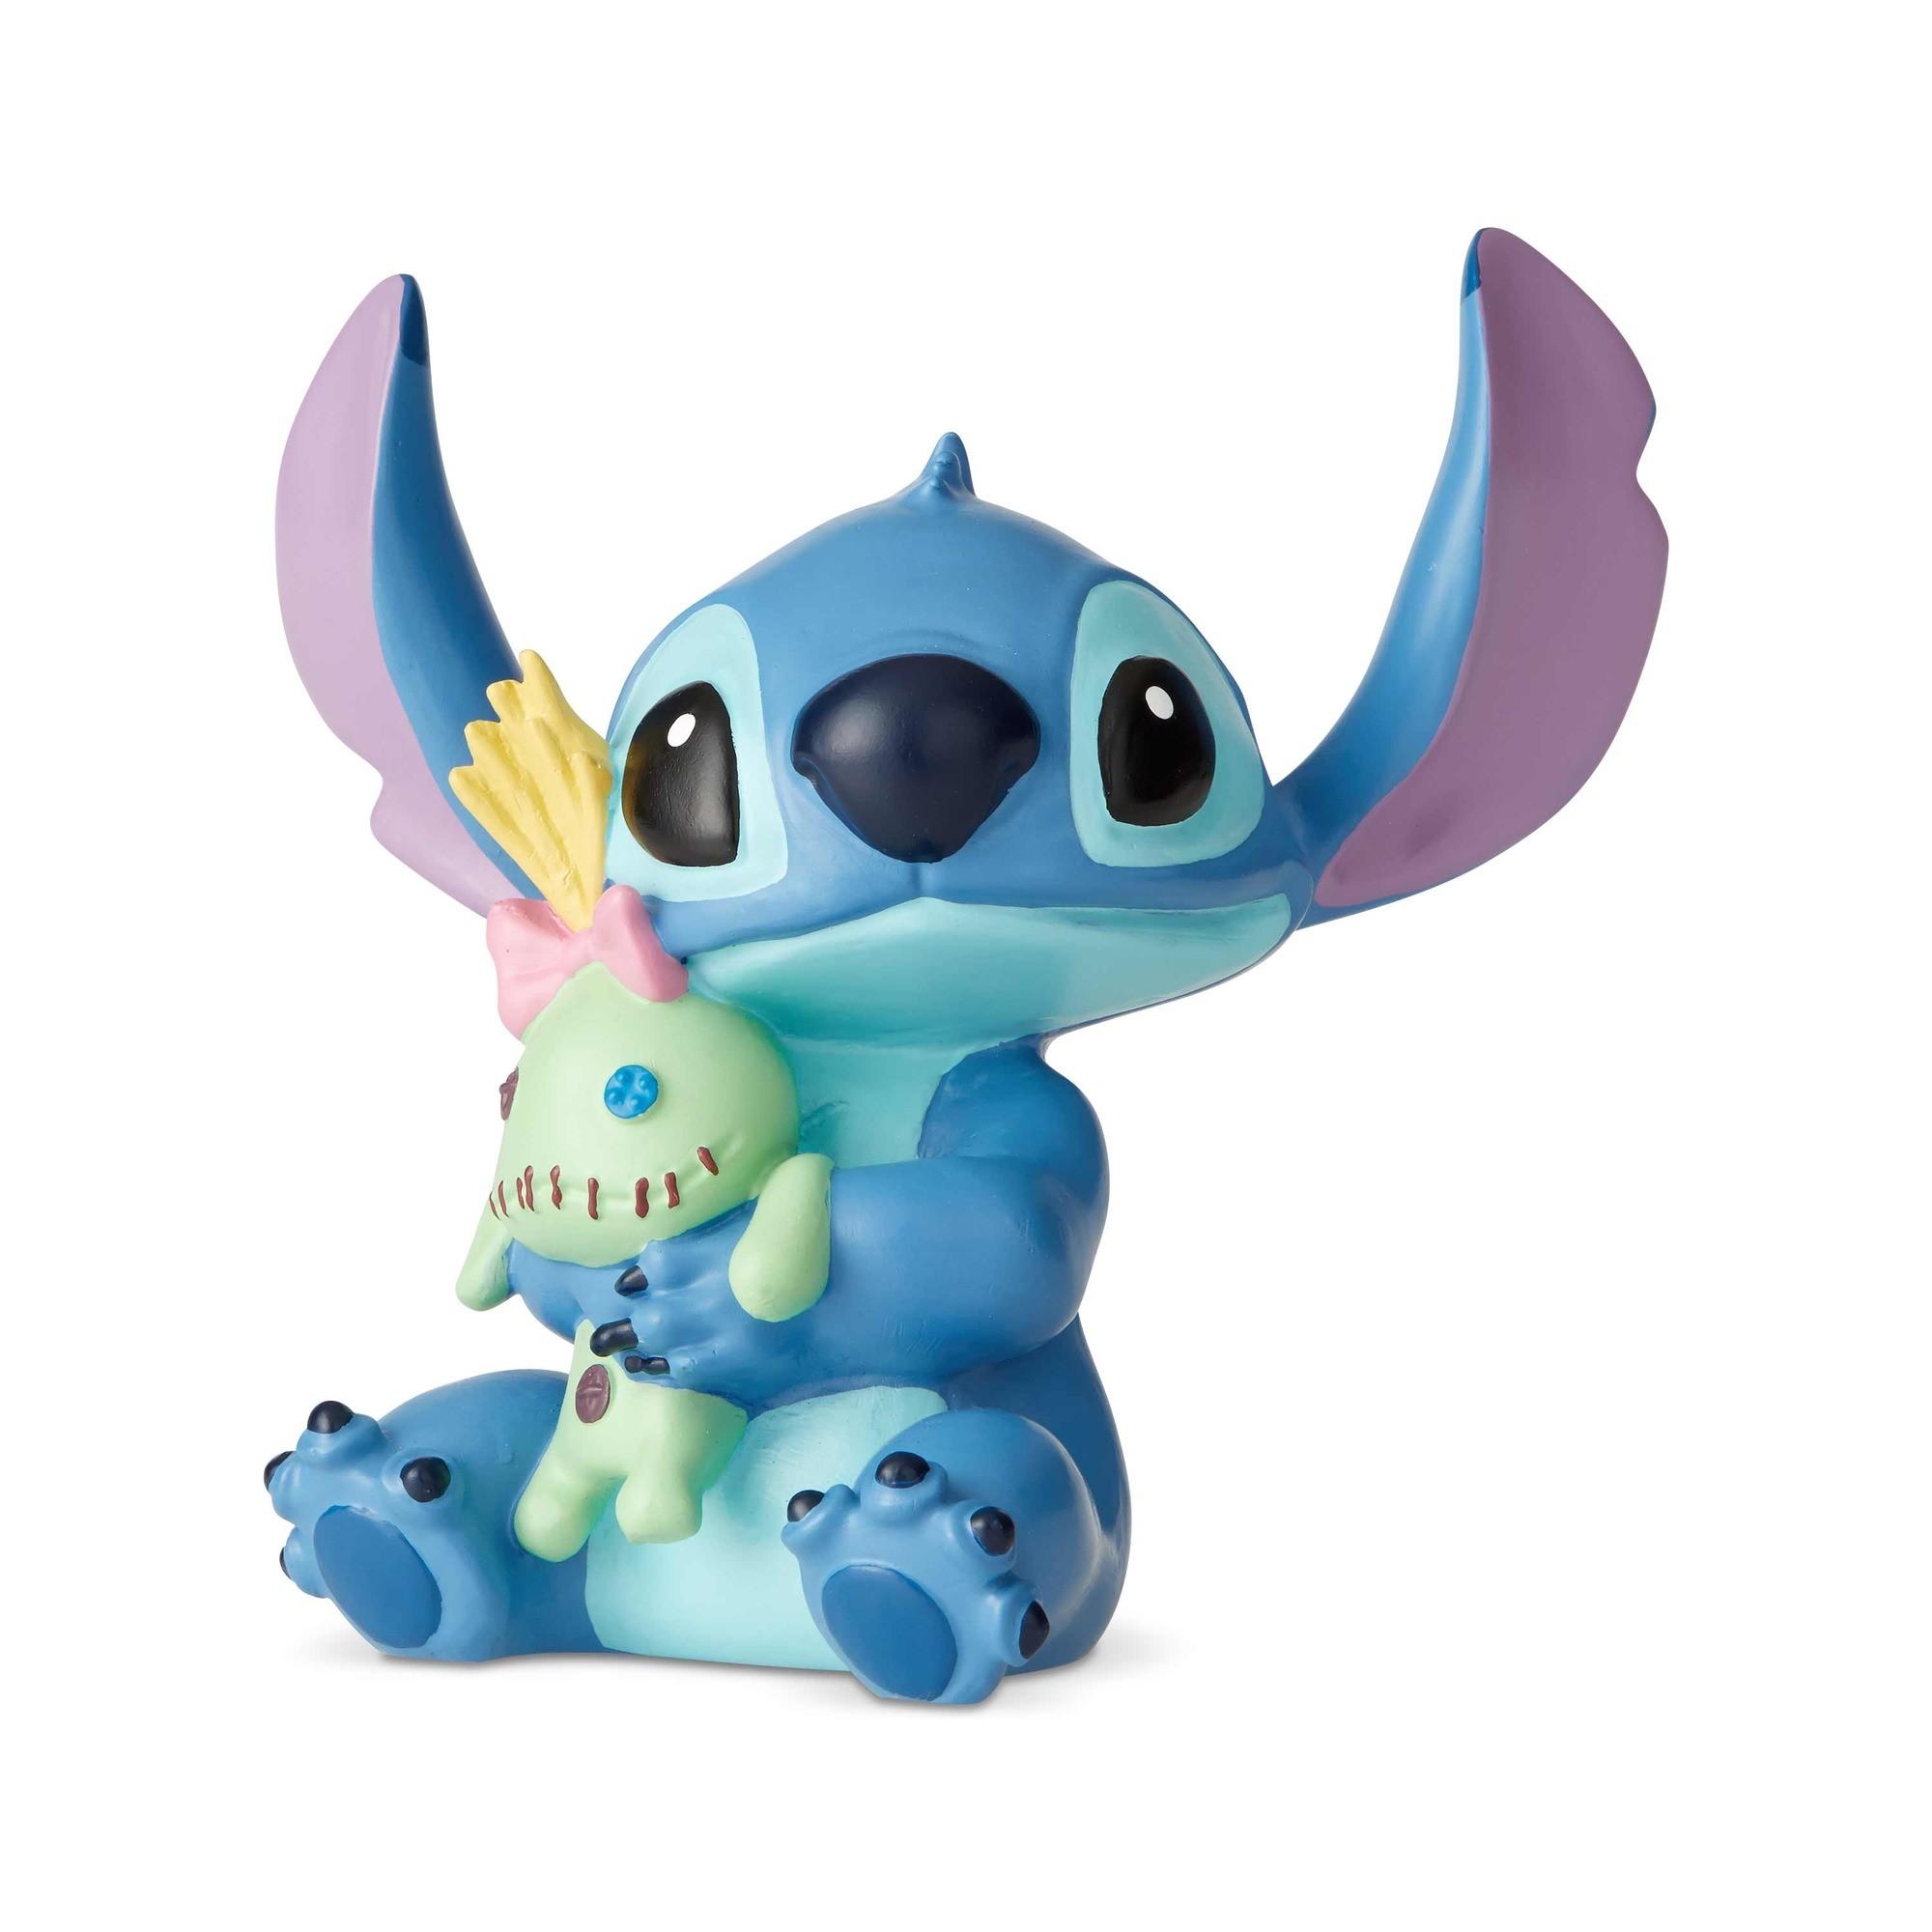 Disney Showcase Stitch With Doll Figurine